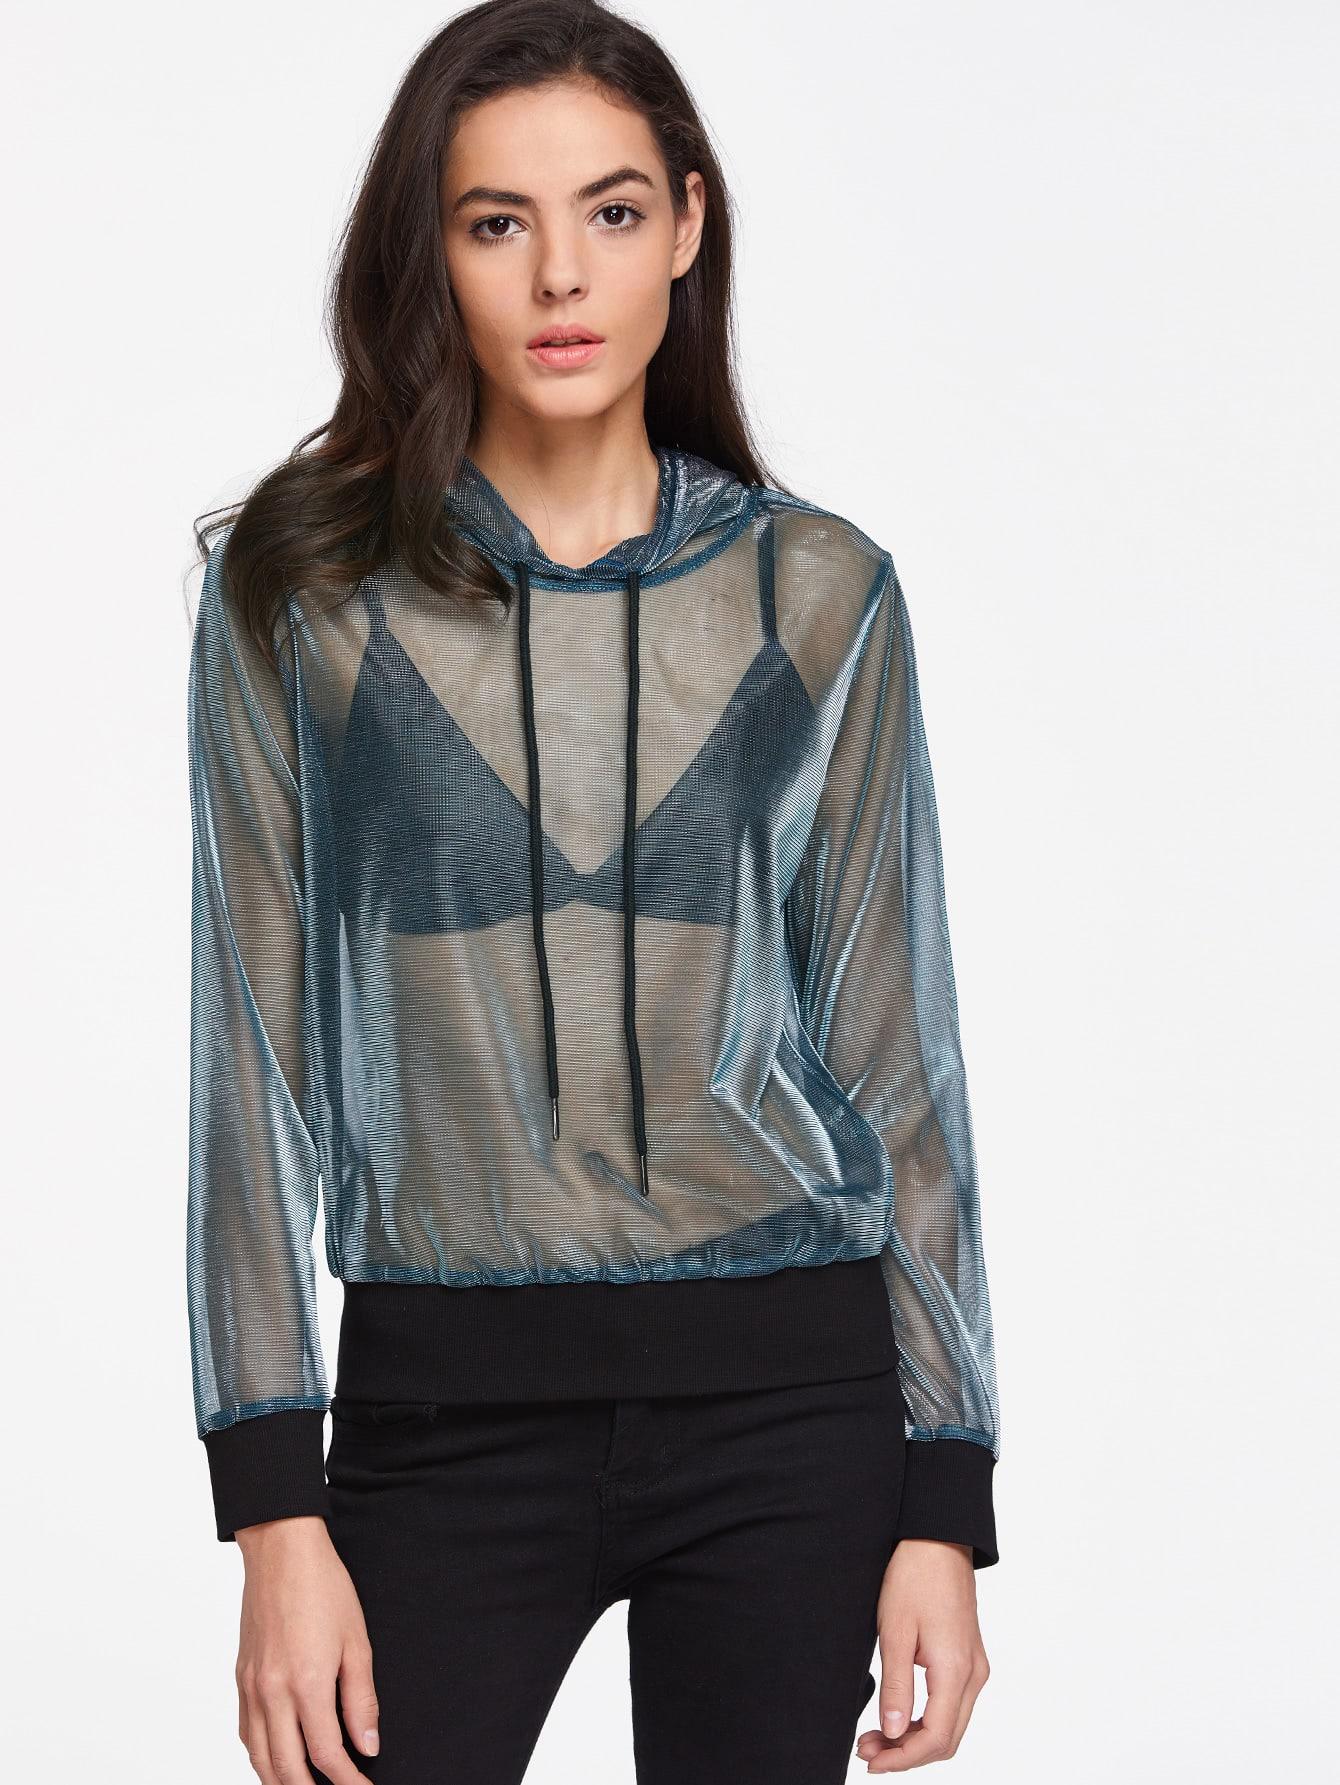 Contrast Ribbed Trim Sheer Metallic Hoodie sweatshirt170331701